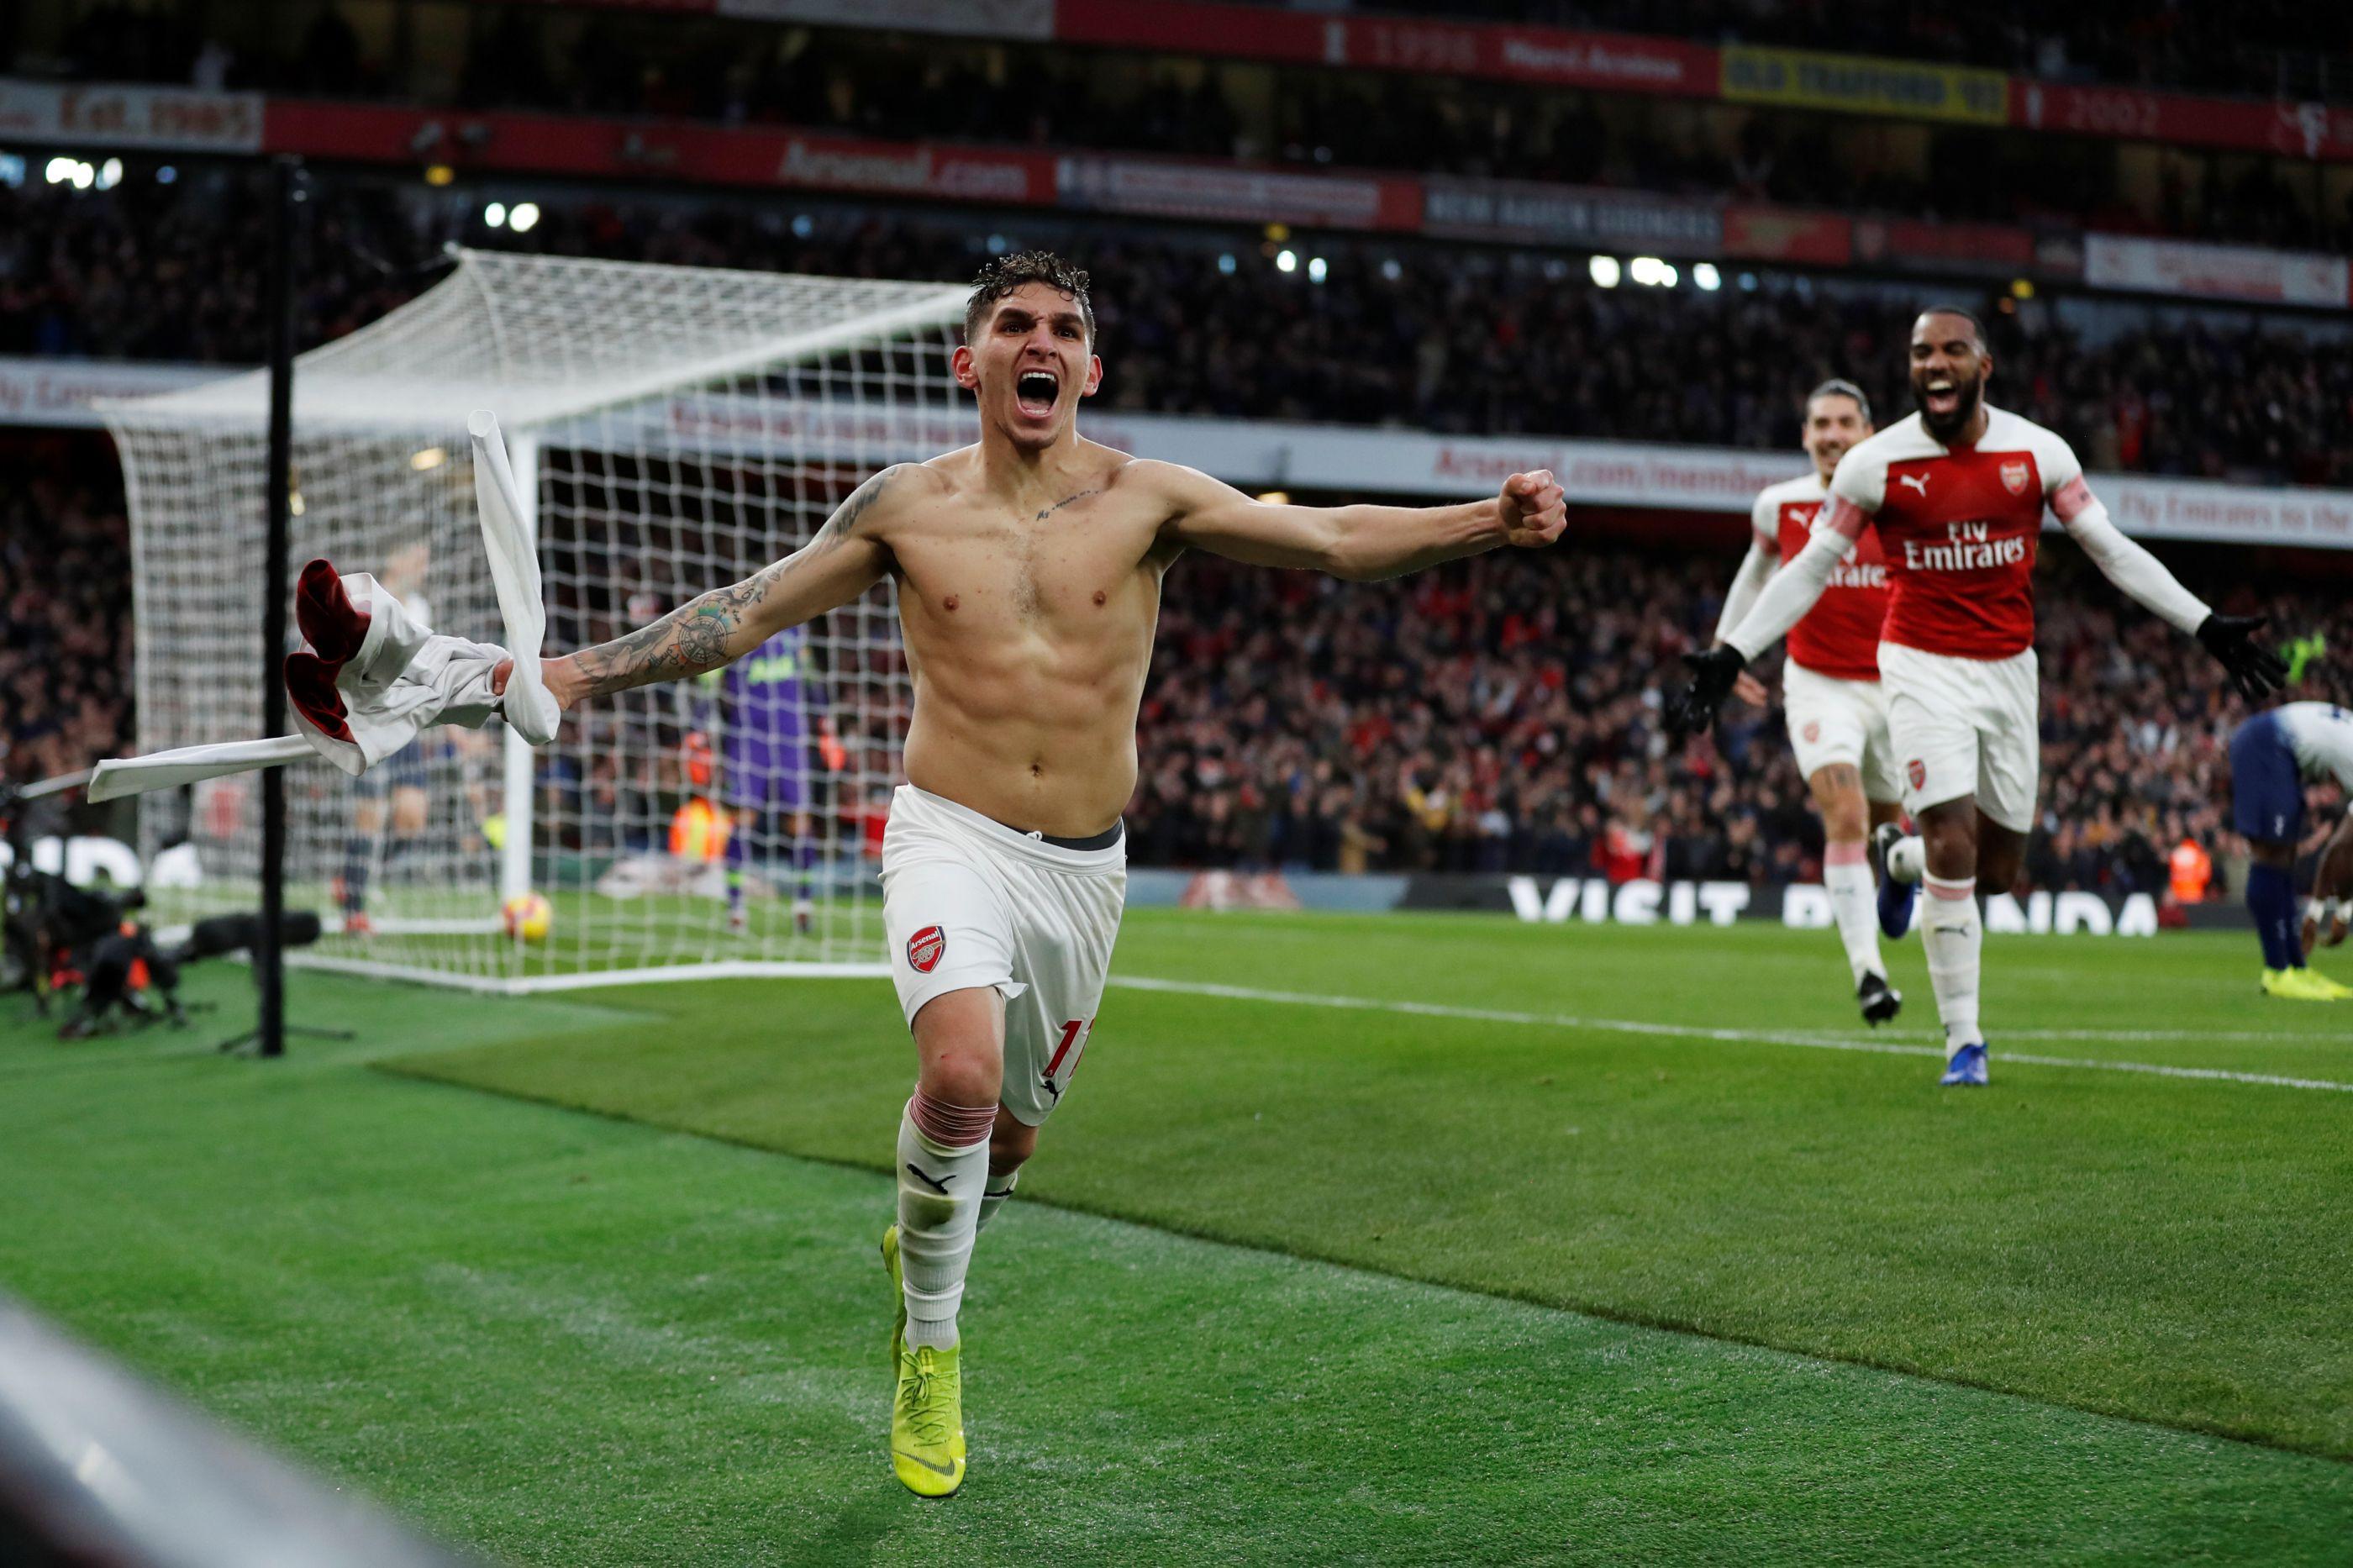 Arsenal bate Tottenham em dérbi 'escaldante' com seis golos